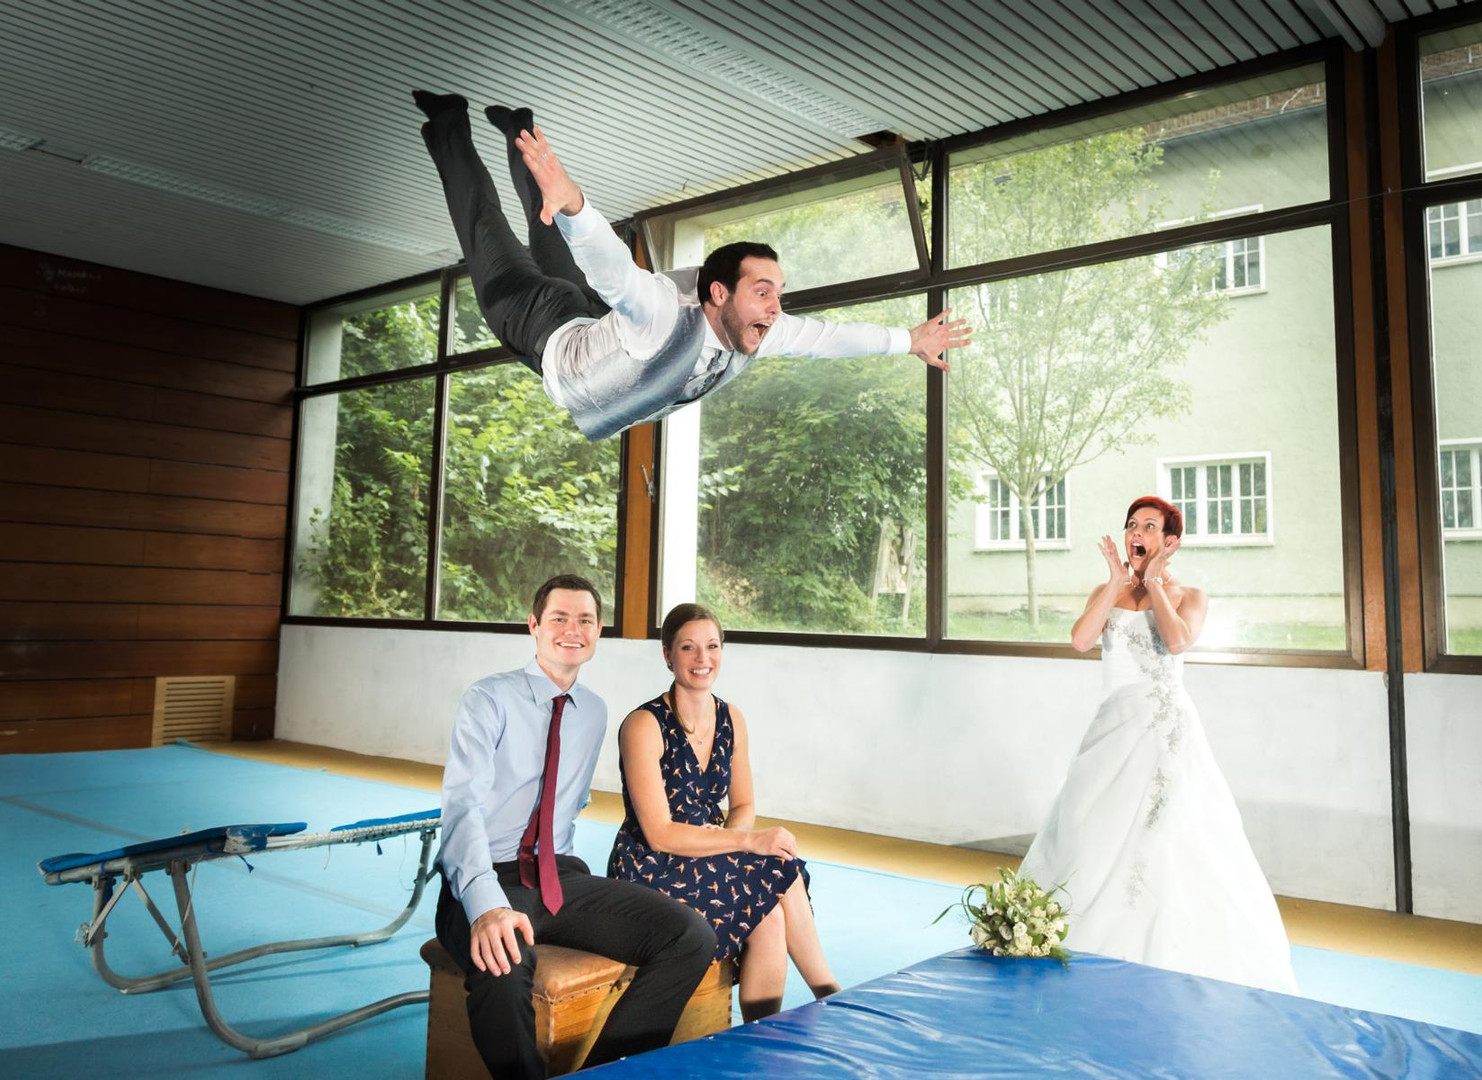 K1600_Ralf_Graner_Photodesign_Hochzeitsm